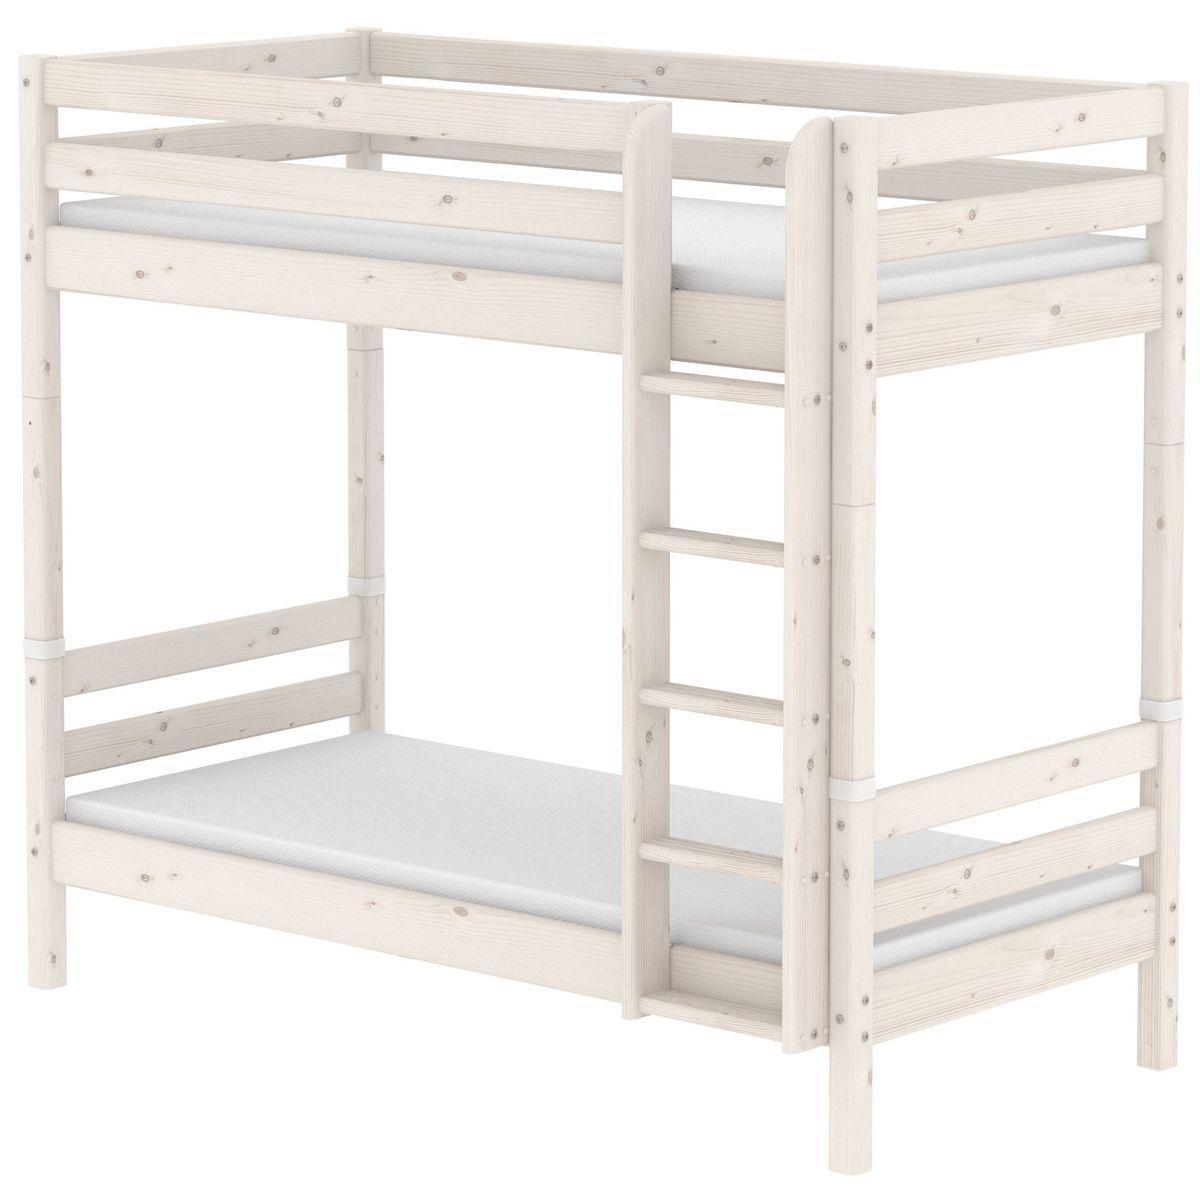 Mitwachsendes Etagenbett 90x190 cm-gerade Leiter CLASSIC Flexa whitewash